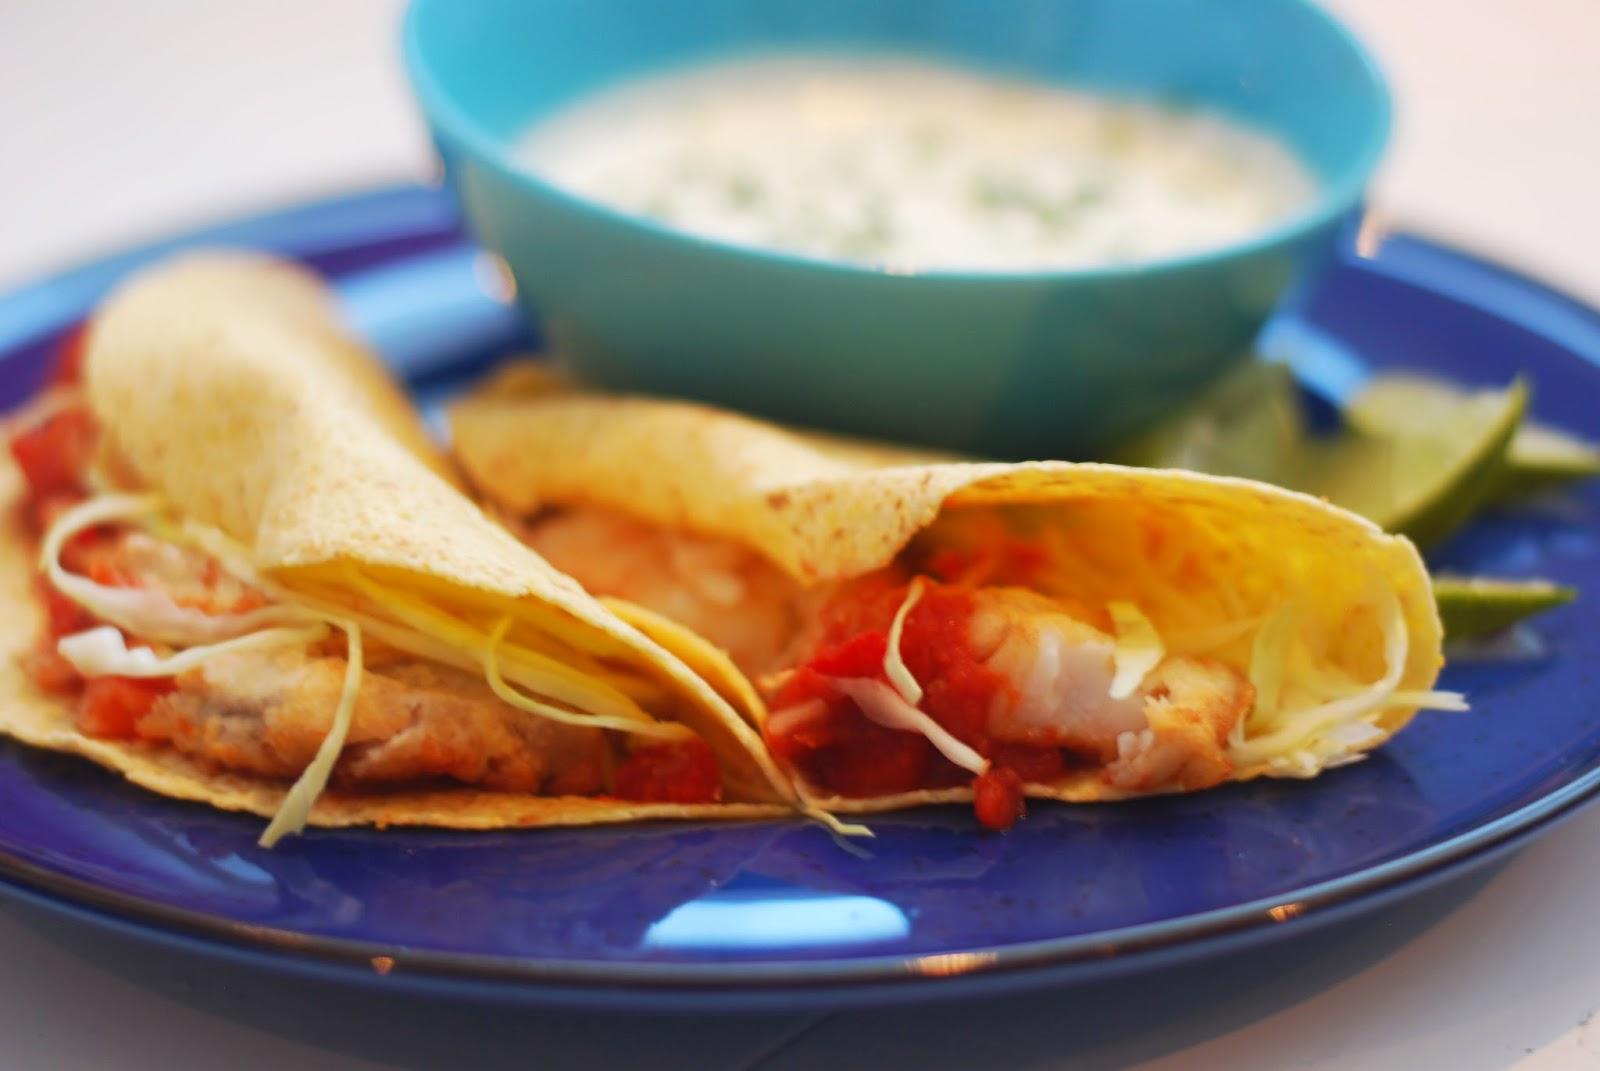 http://www.lilliansmatblogg.no/2014/03/frityrstekt-fisketaco-med-salsa.html